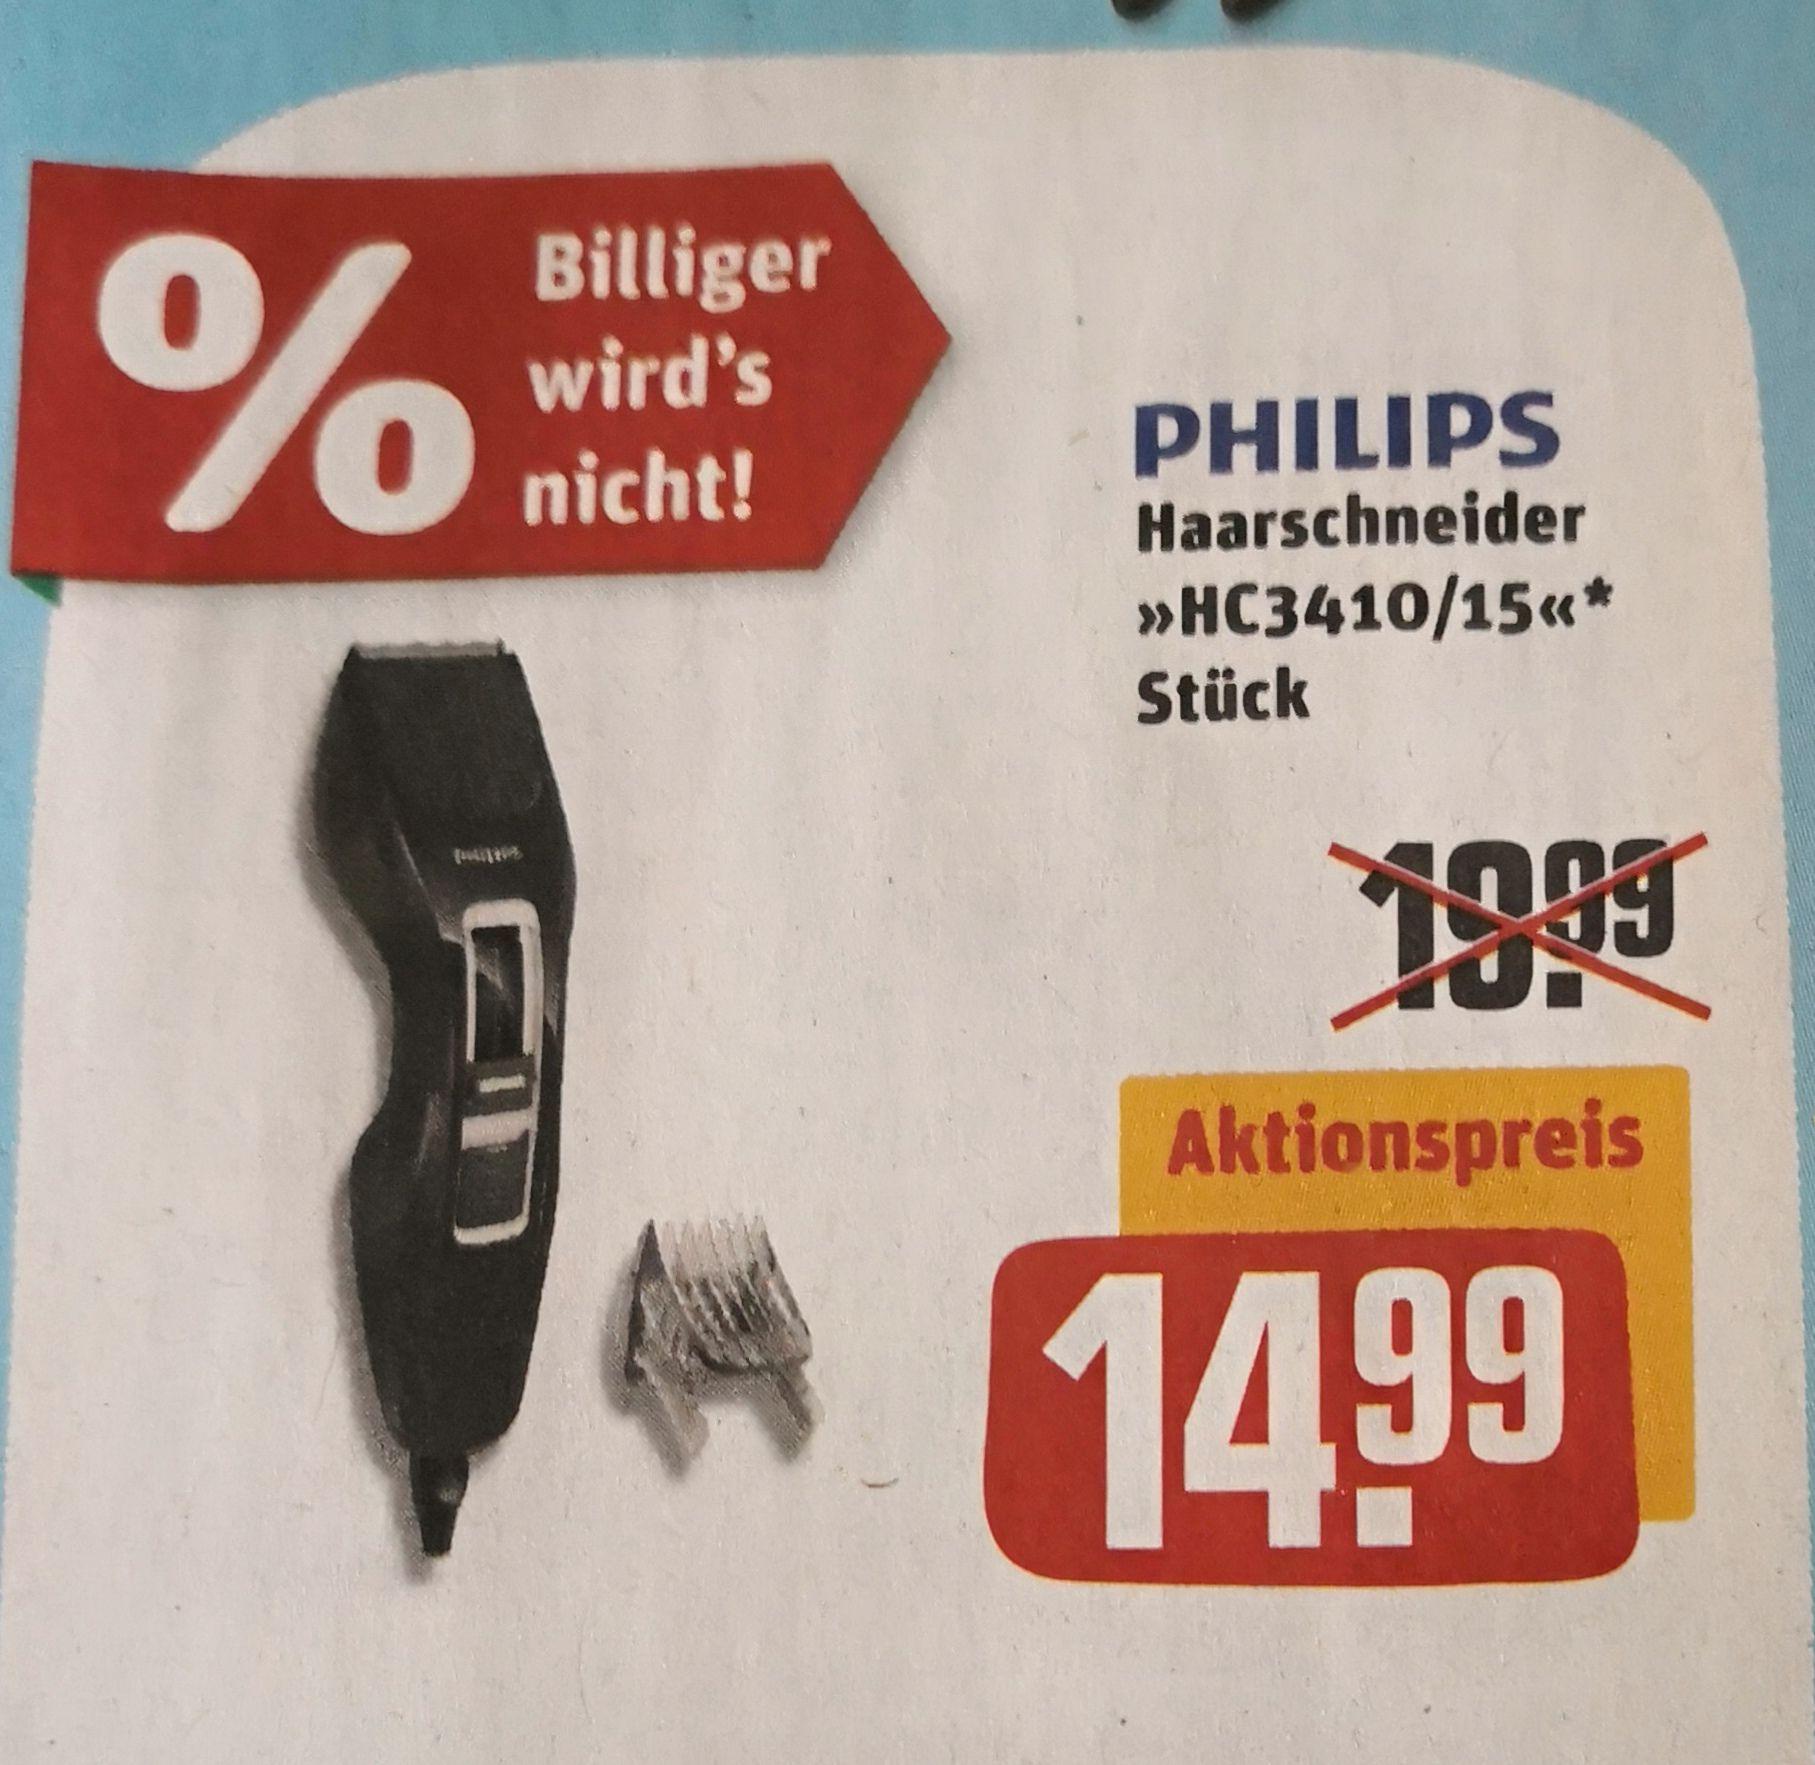 Haarschneider Philips HC3410/15  bei Rewe